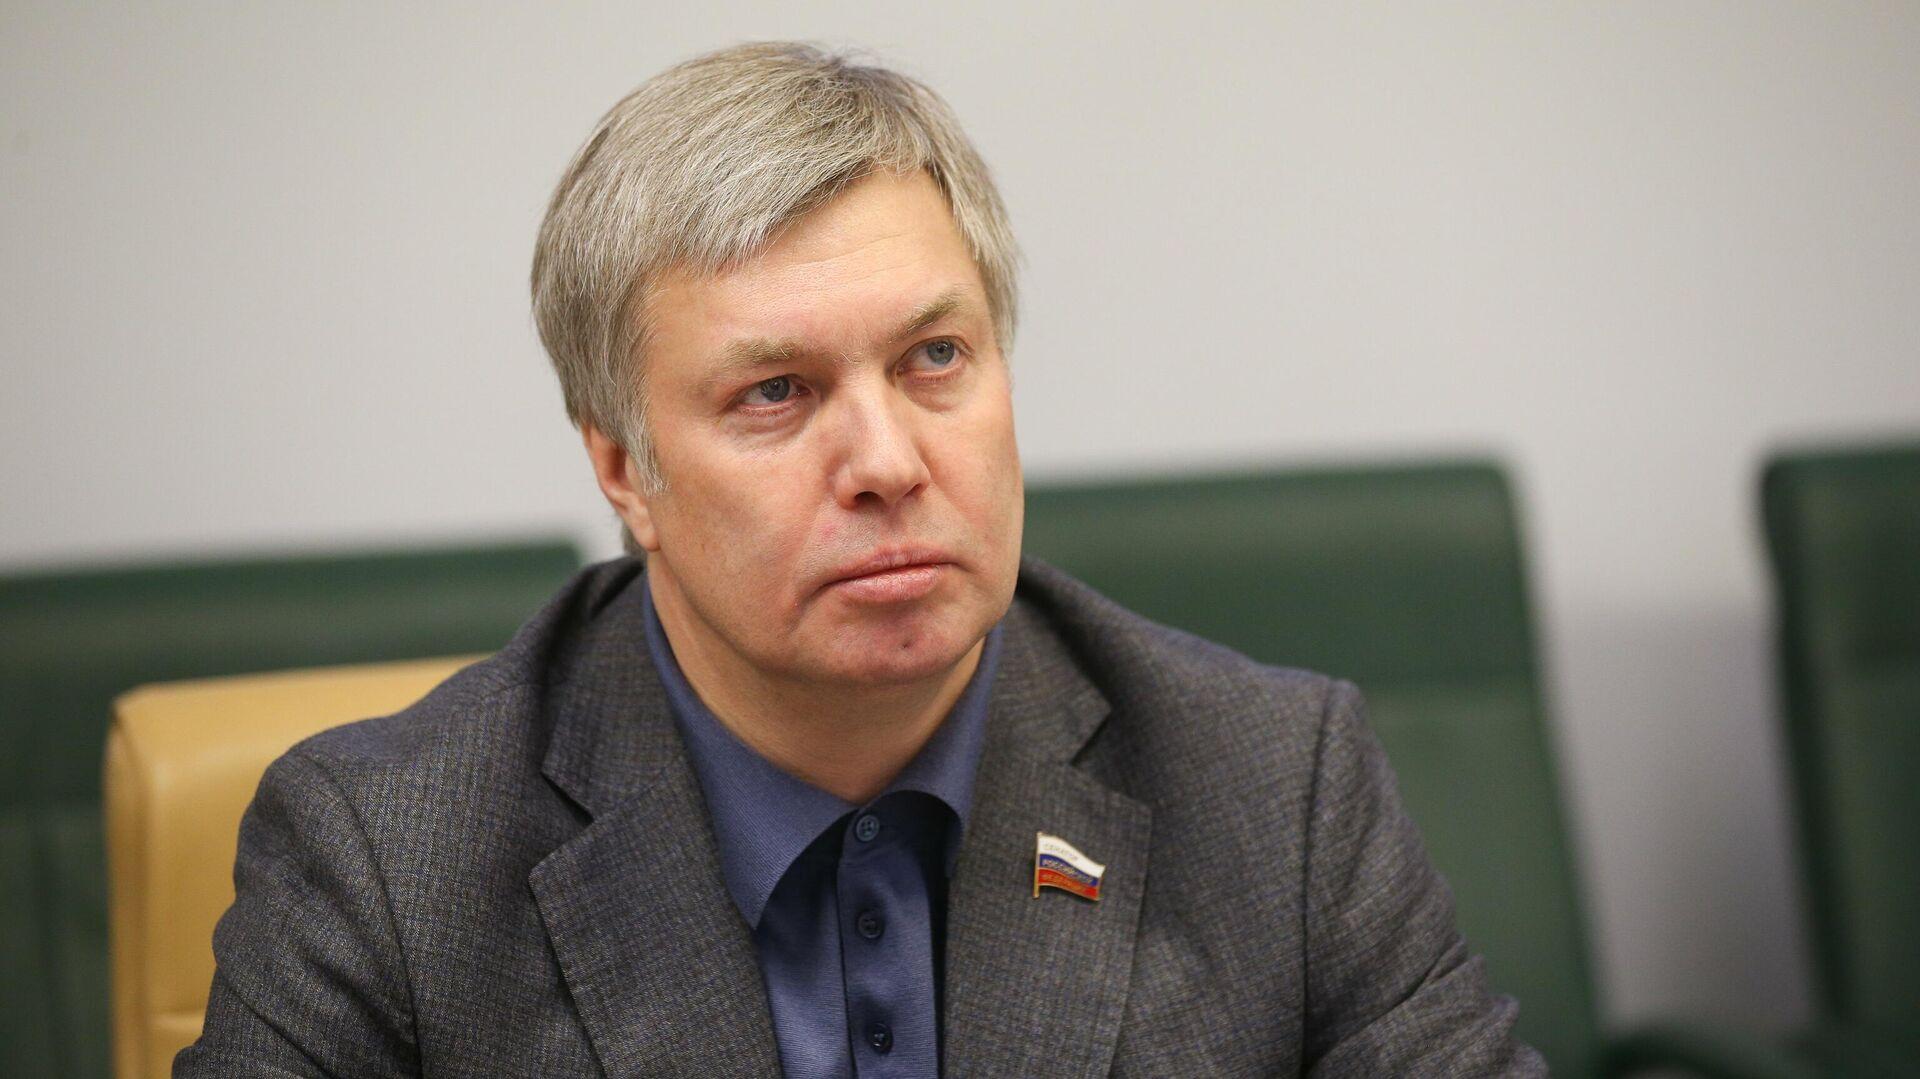 Путин назначил сенатора Русских врио губернатора Ульяновской области